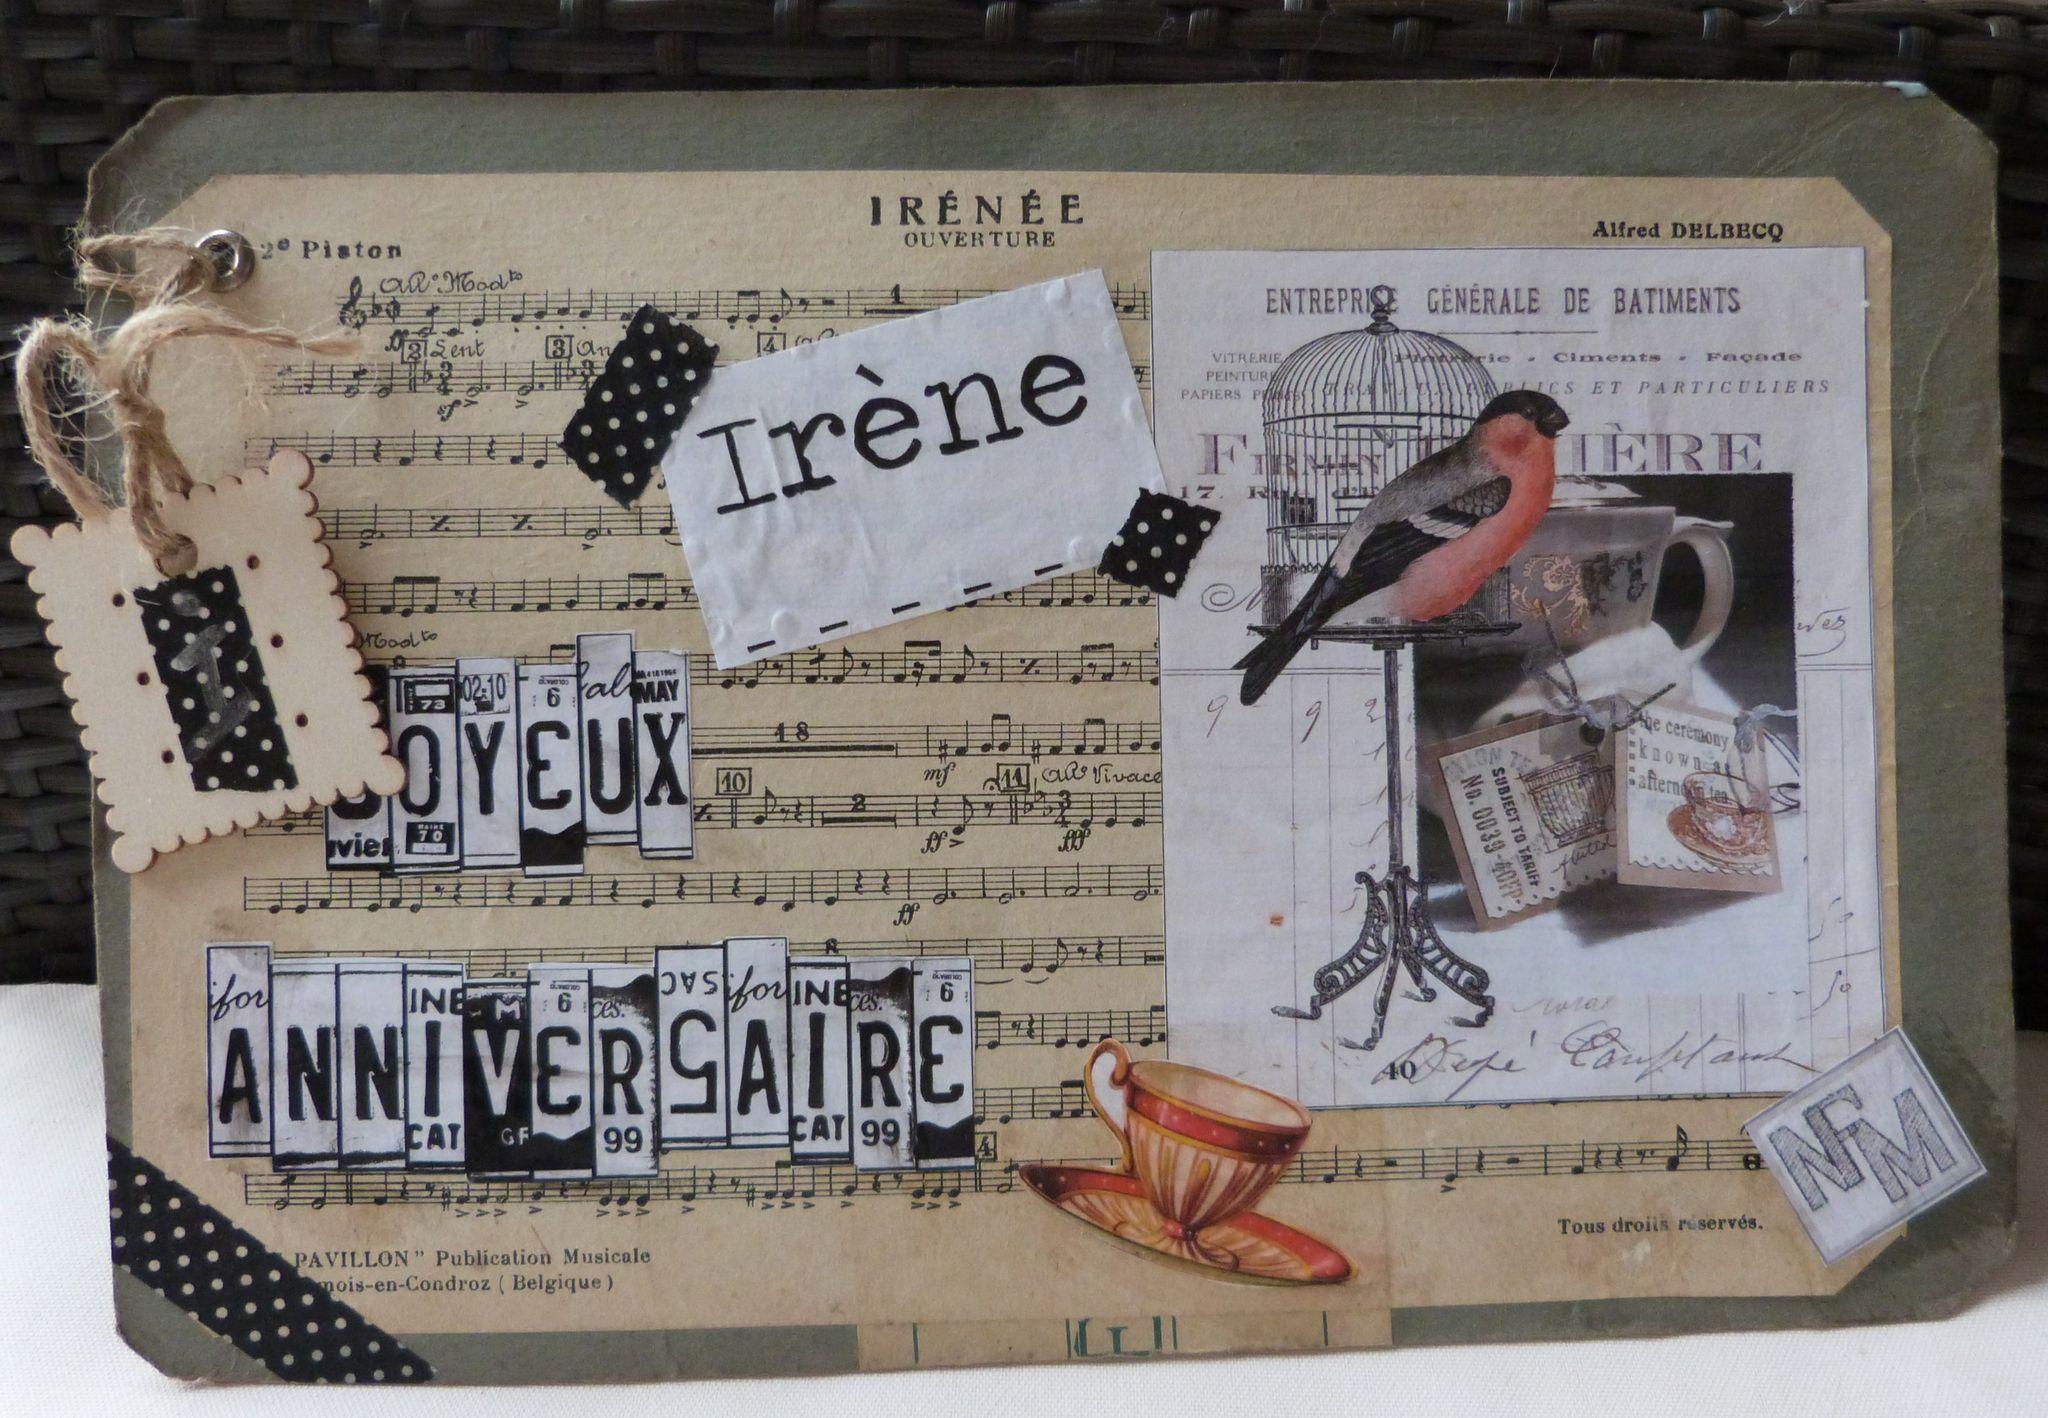 Carte anniversaire Irène 2013